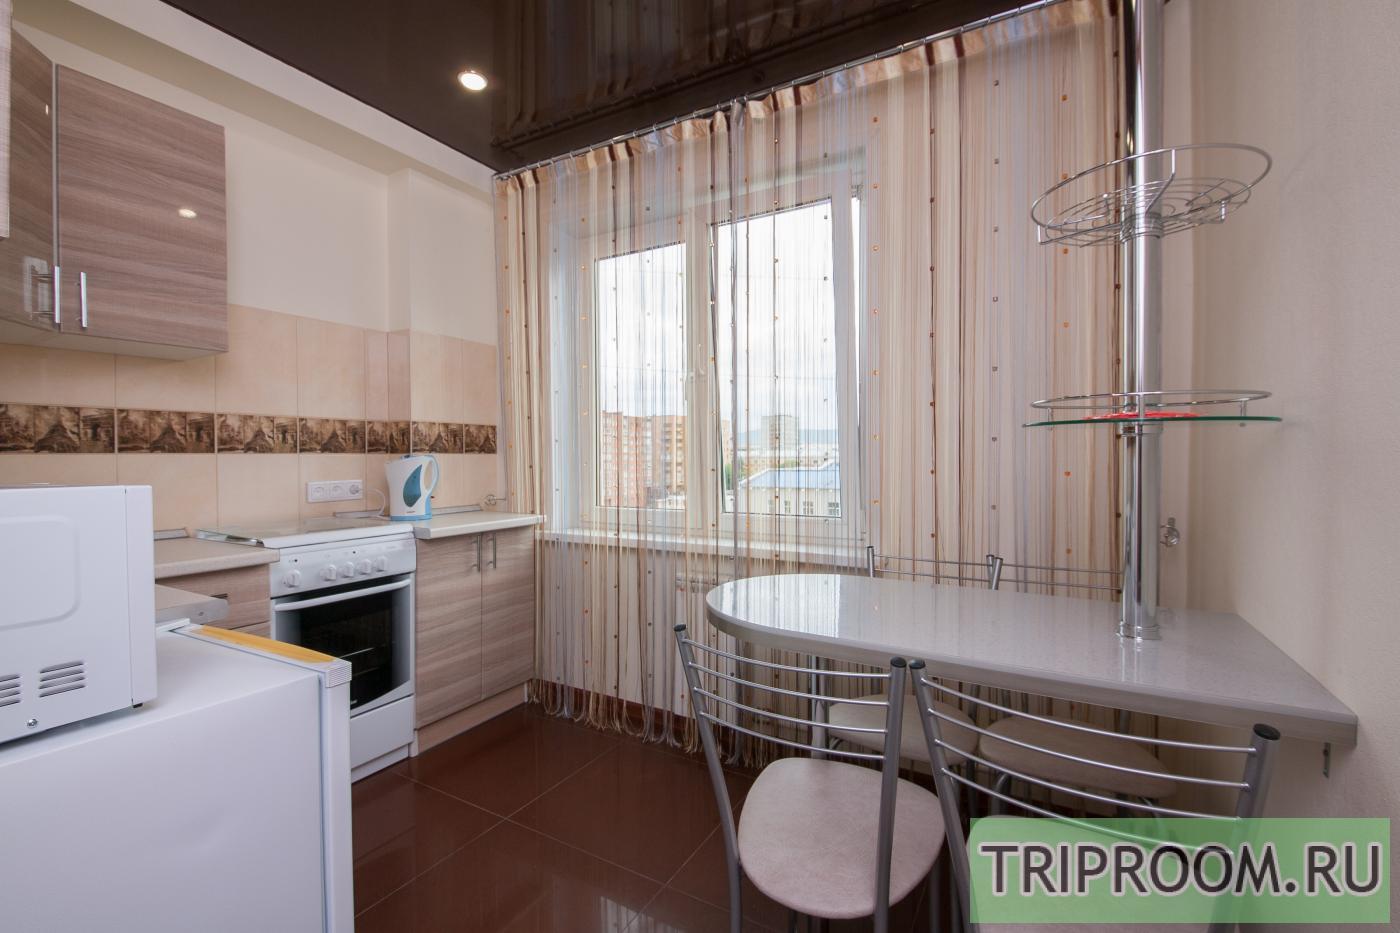 1-комнатная квартира посуточно (вариант № 16059), ул. Республики улица, фото № 6